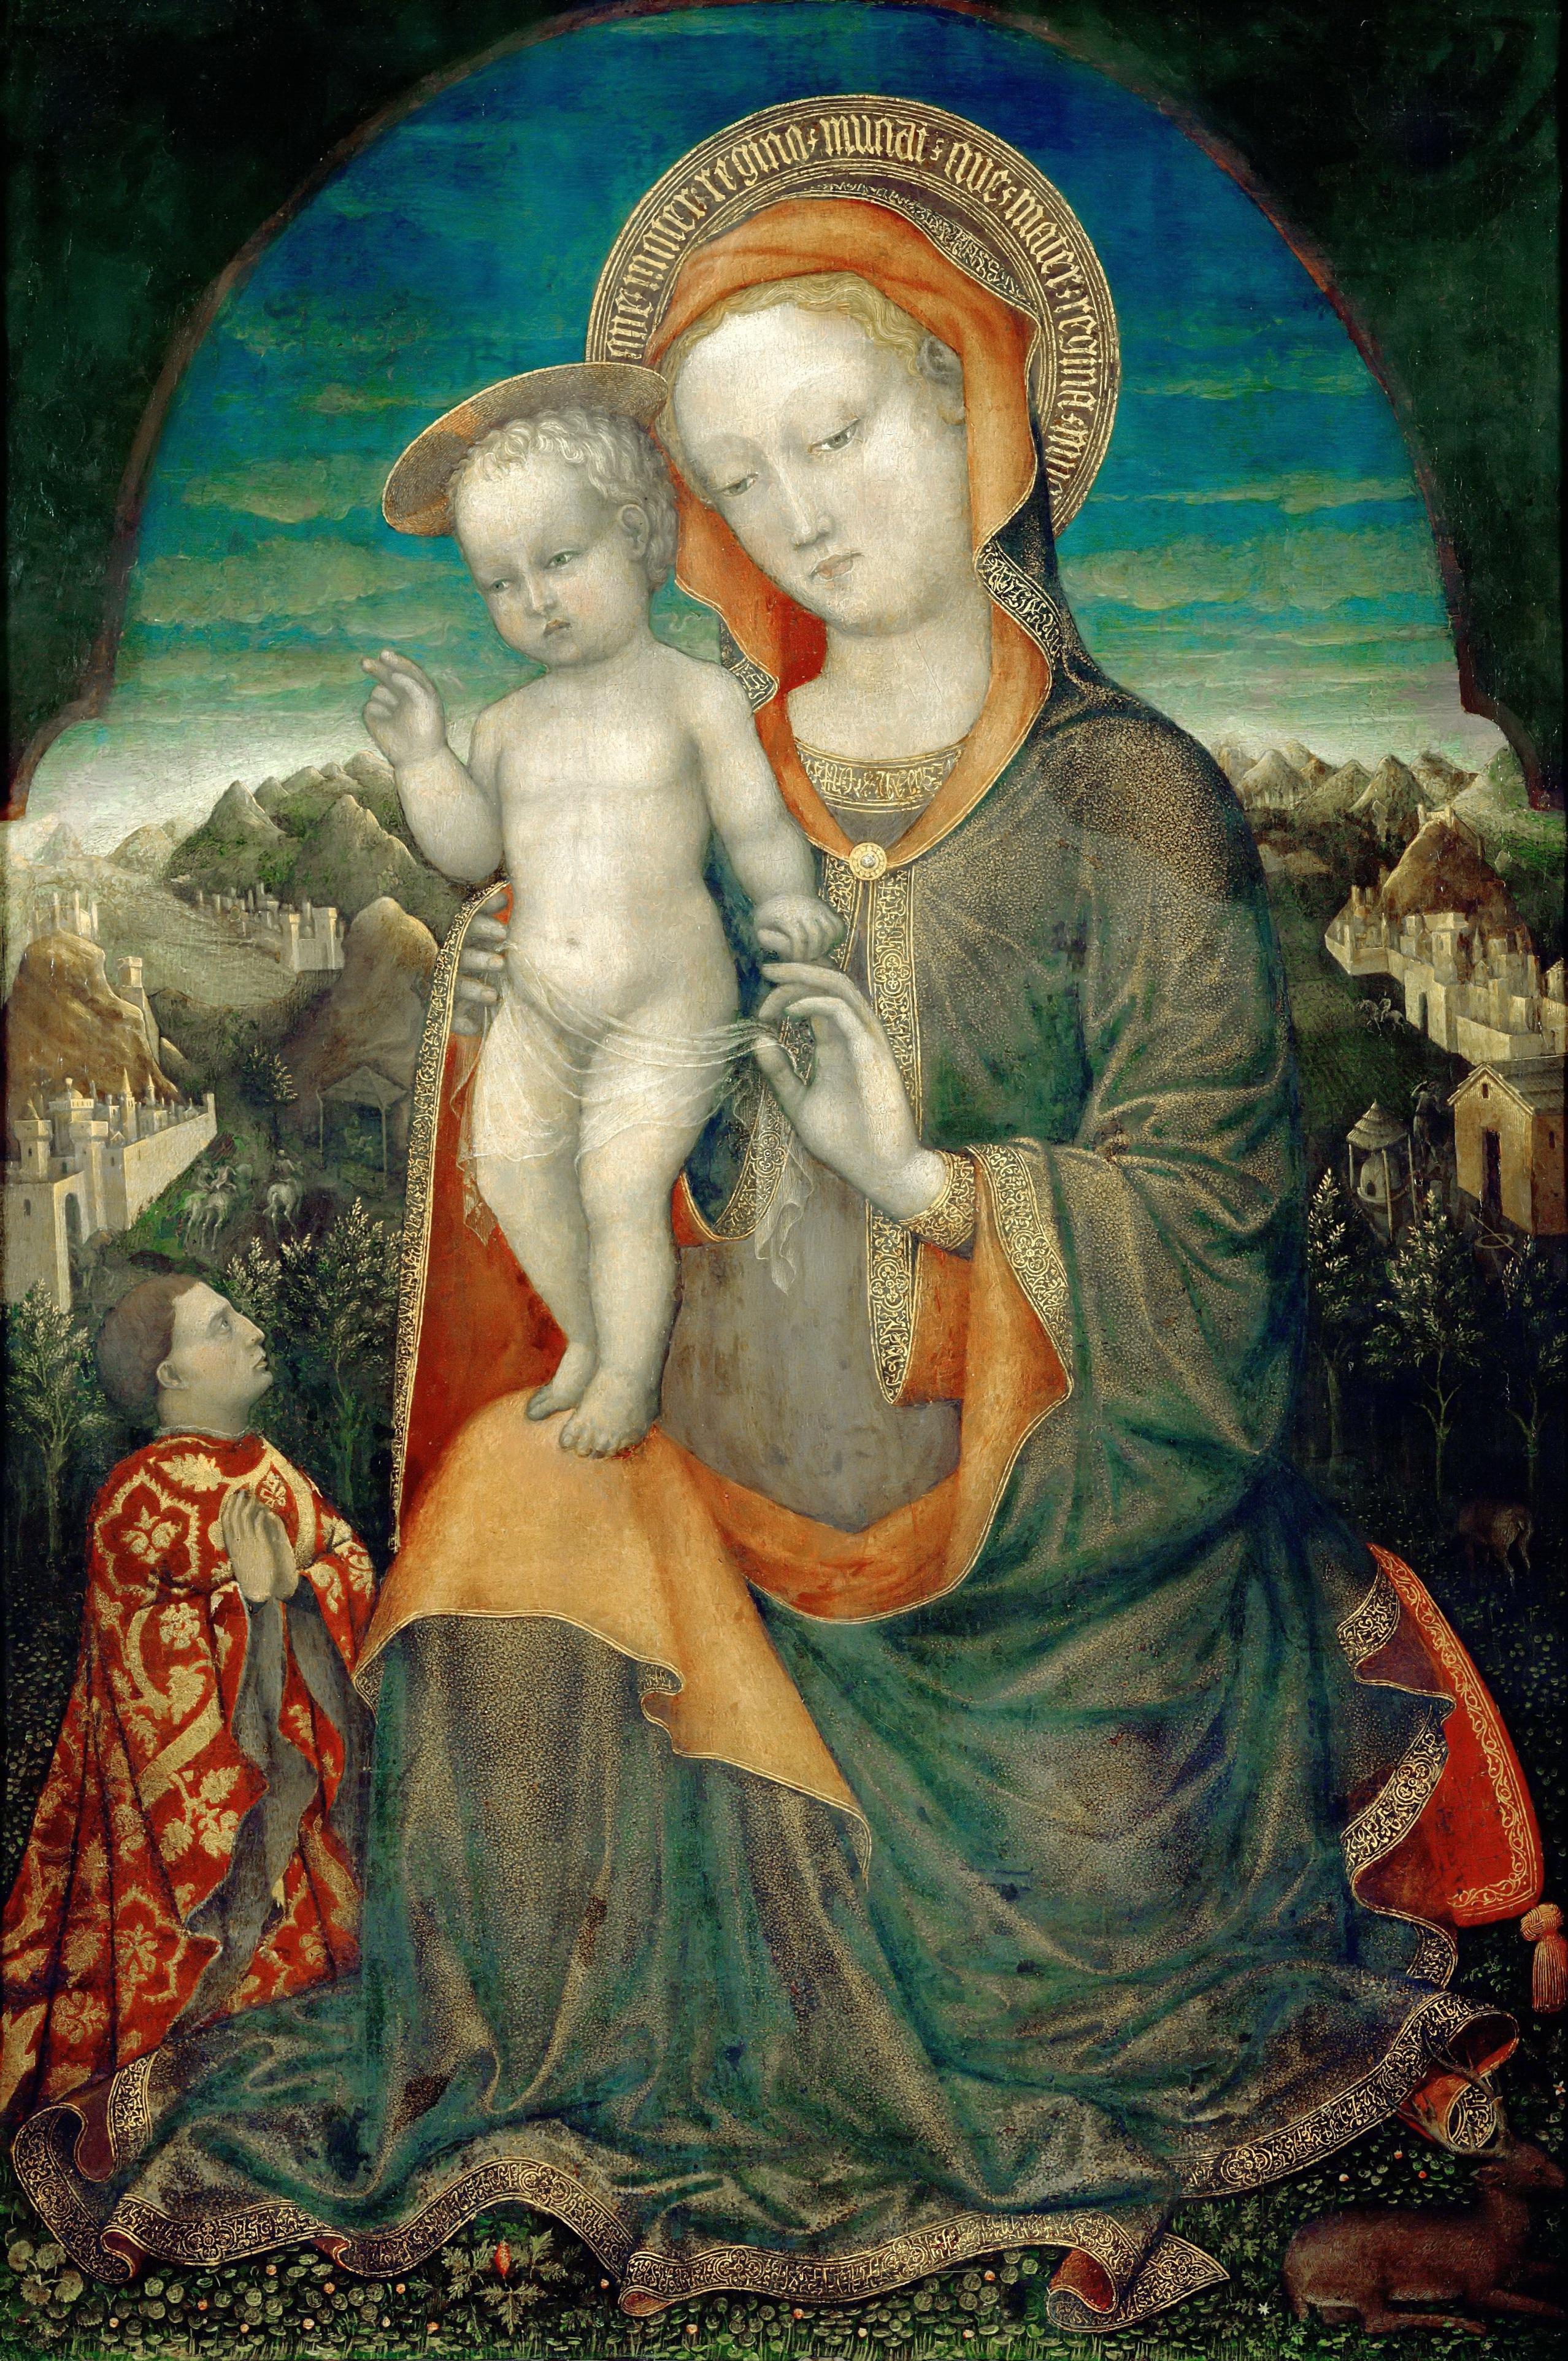 1440-Jacopo-Bellini-Vierge-dhumilite-adoree-par-un-prince-de-la-maison-dEste-Louvre